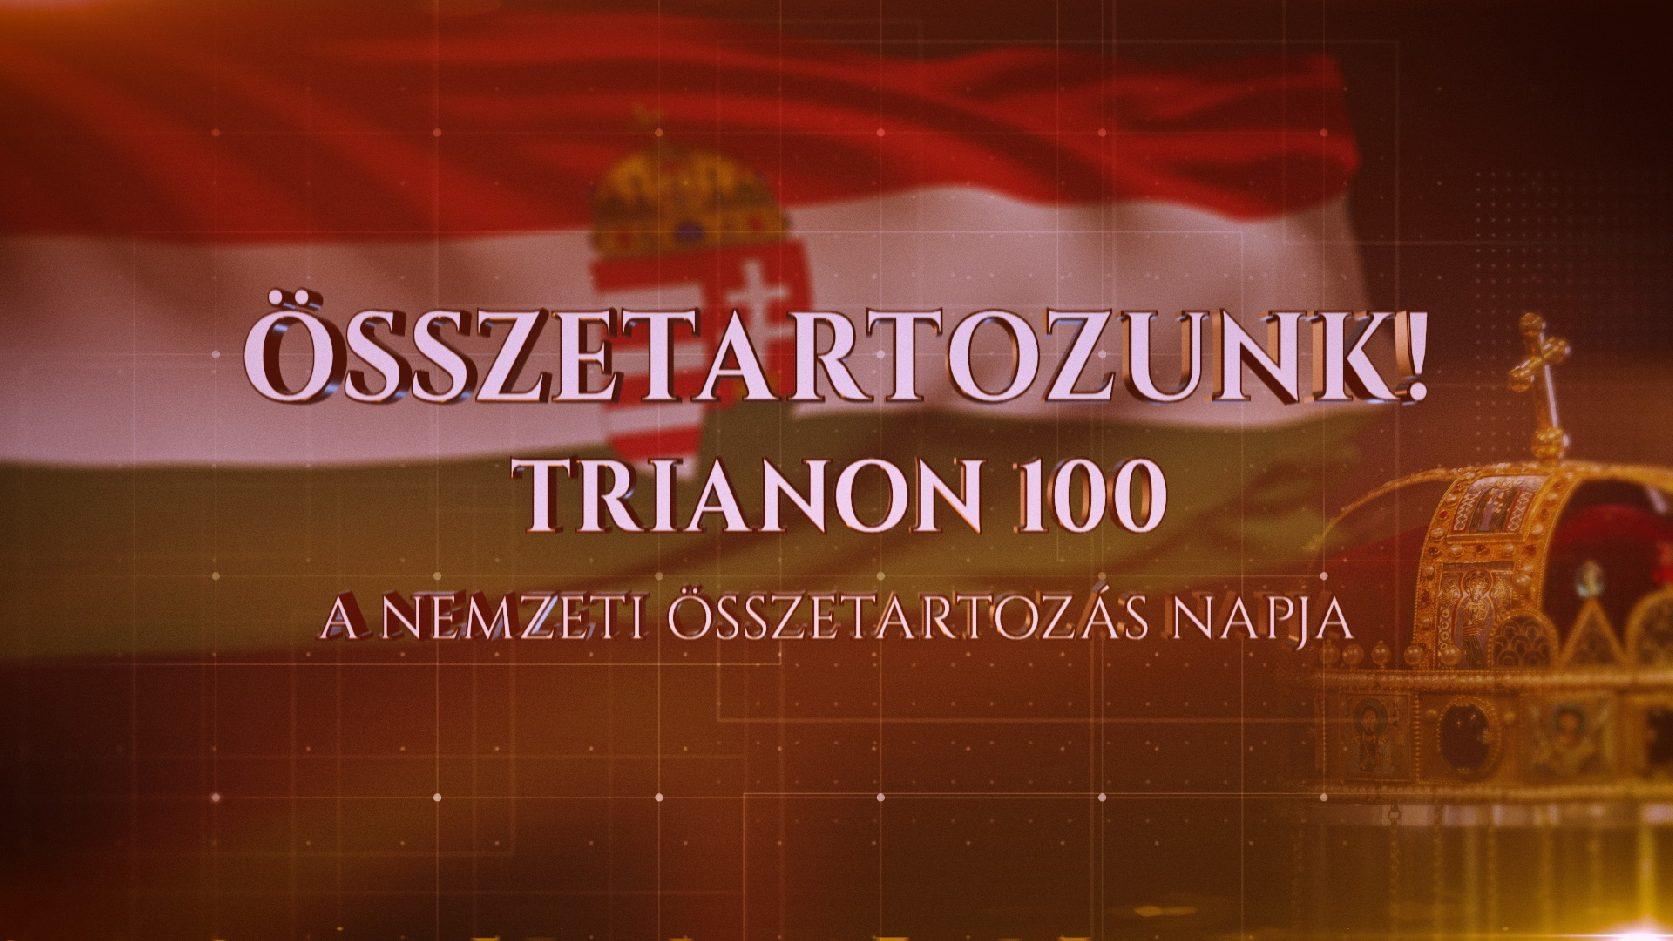 magyarturizmusportal.hu | miskolci hírforrás: - Miskolc TV film, videó, riport, interjú, portré